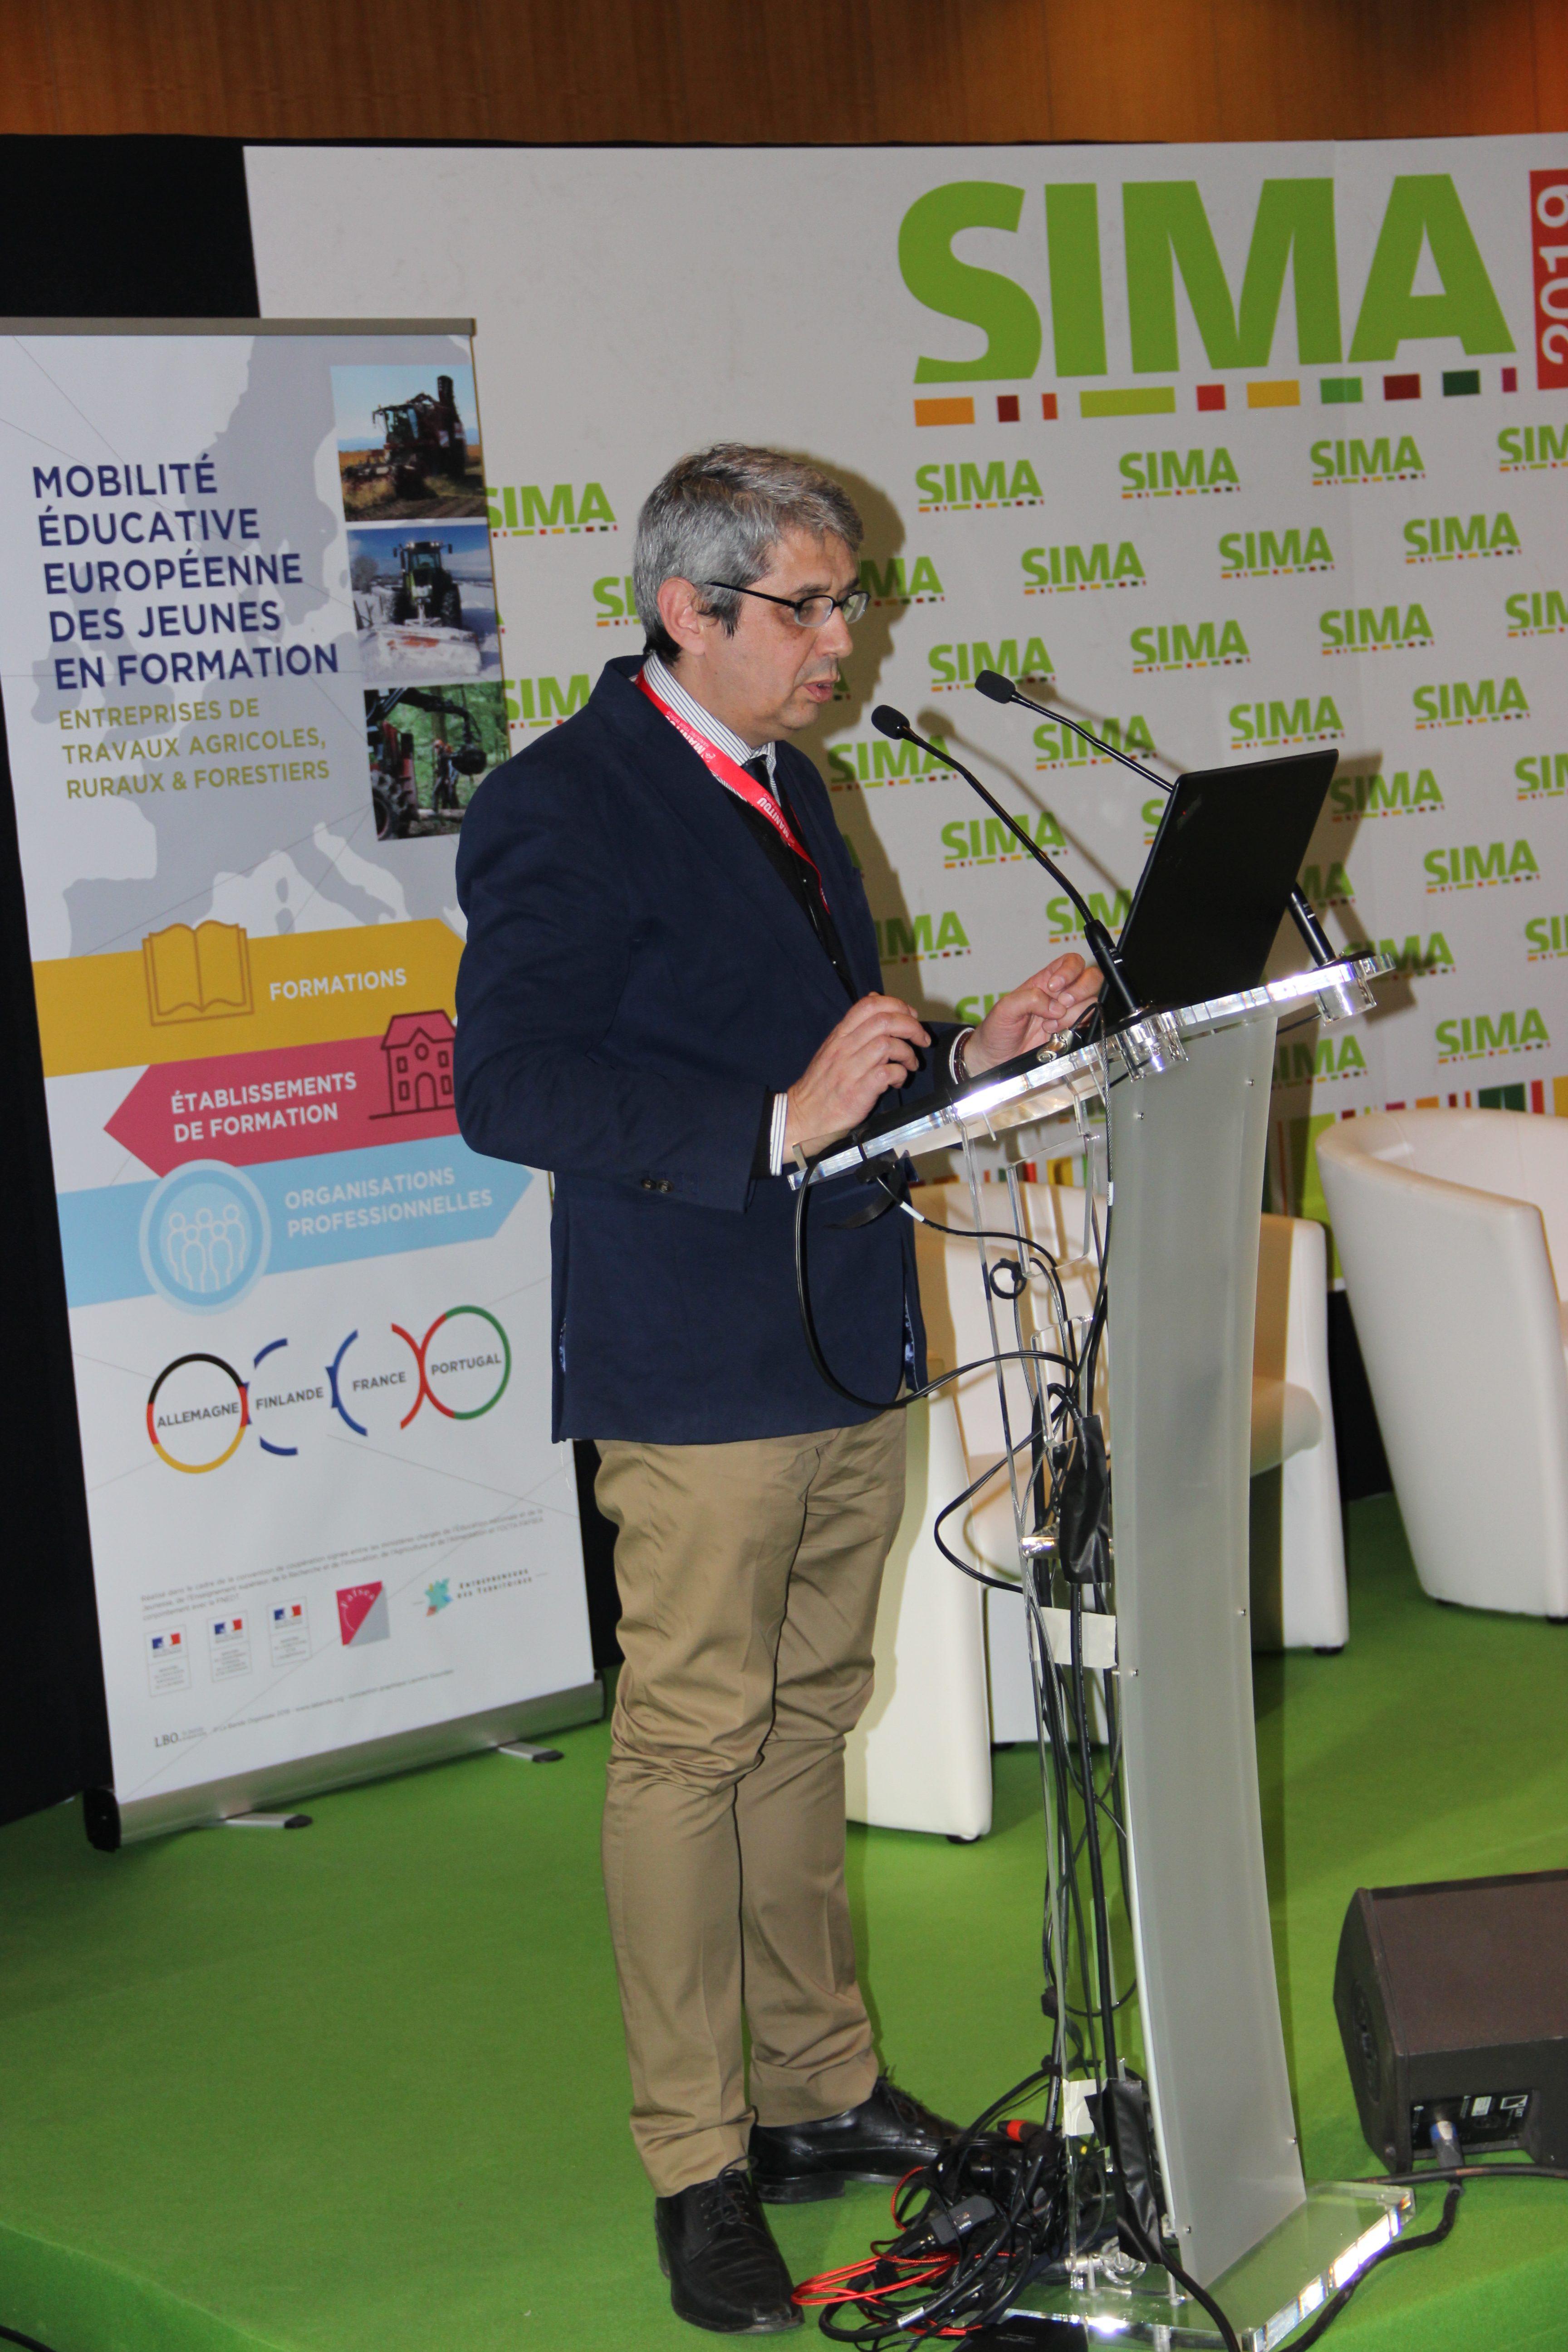 Pedro Serra Ramos, Président de l'ANEFA